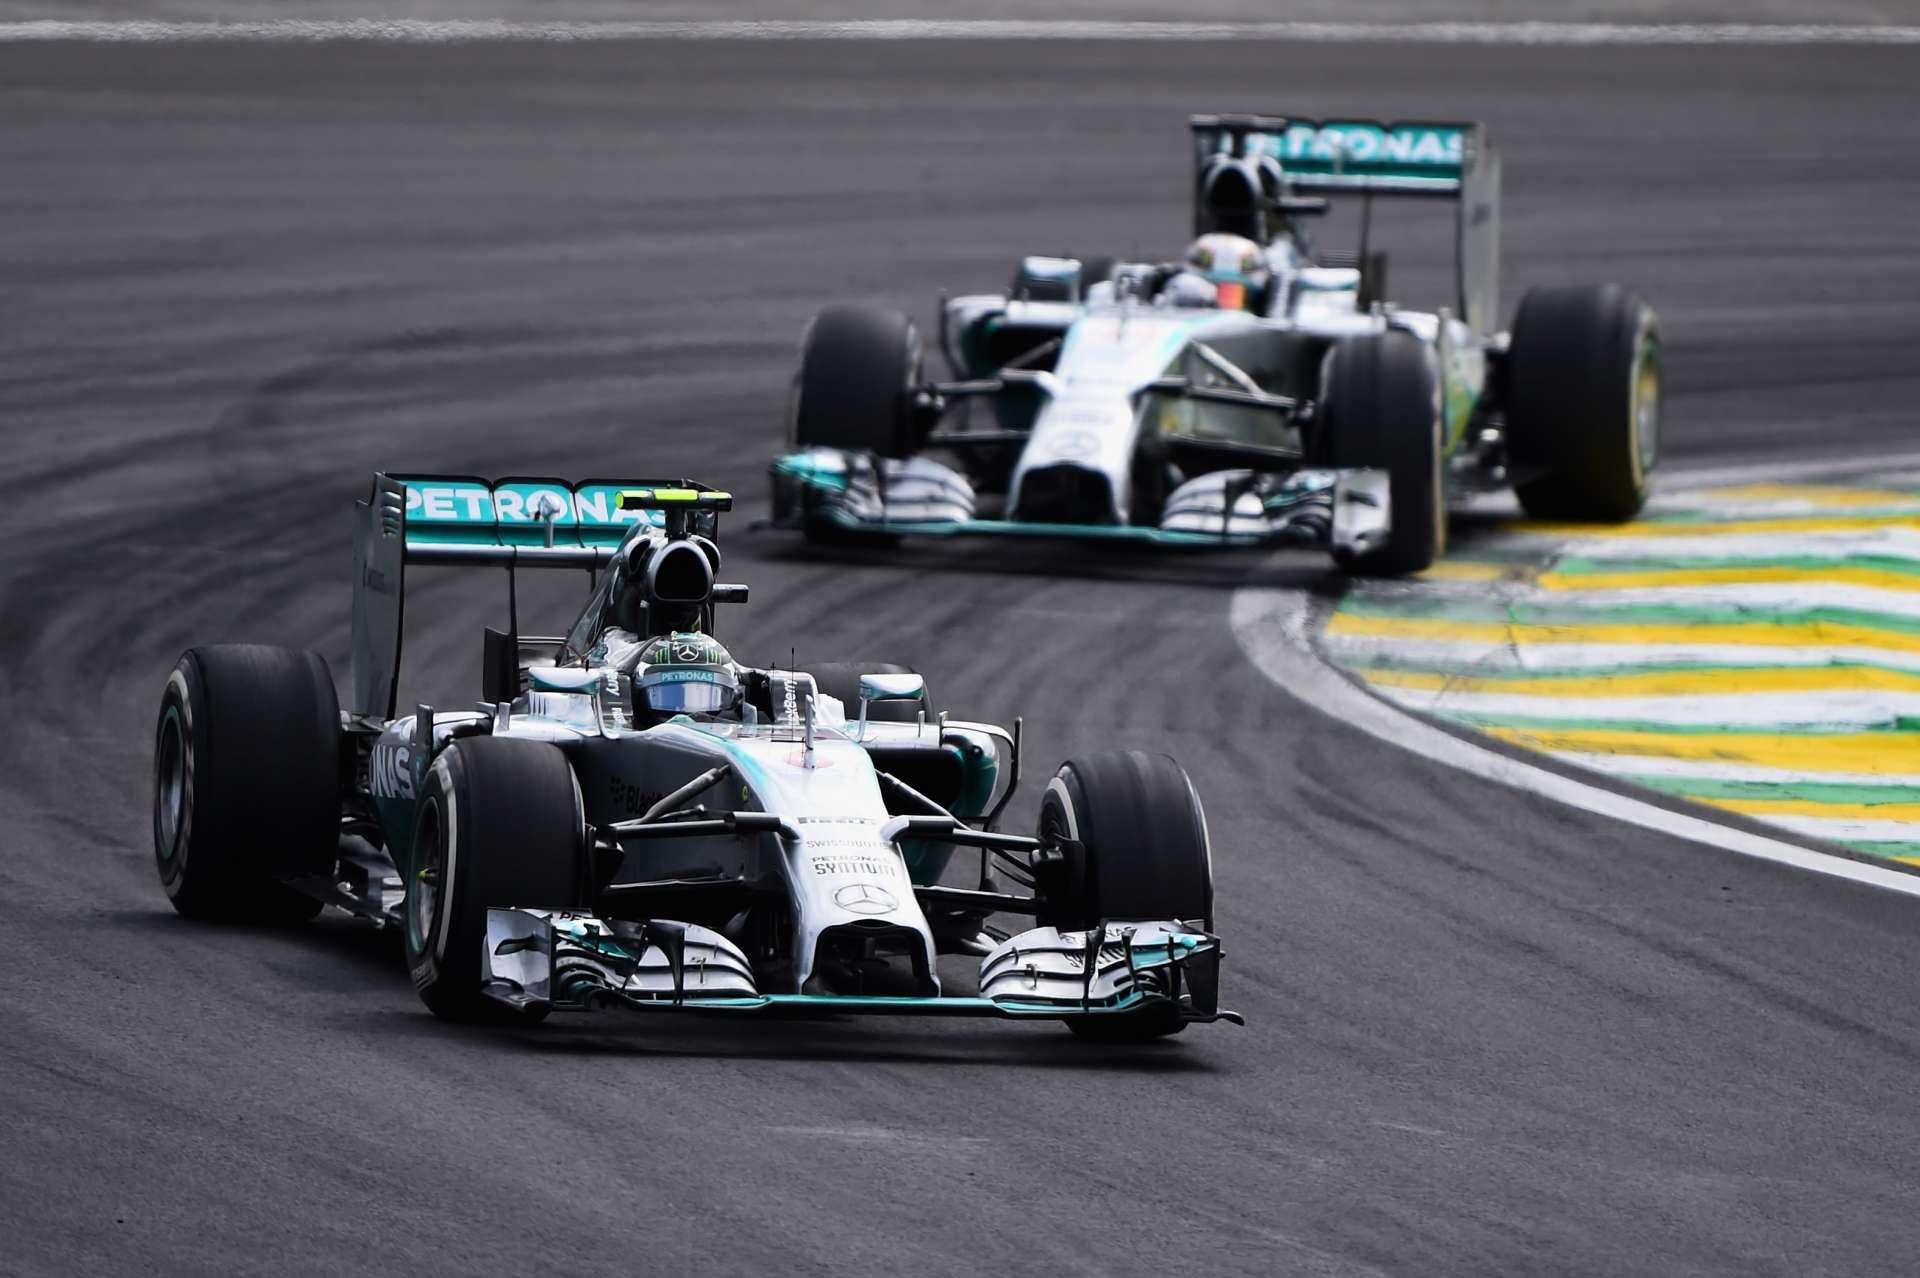 Nico Rosberg uspio je zadržati Lewisa Hamiltona iza sebe na VN Brazila 2014. nakon što je bio najbrži na svim treninzima i kvalifikacijama. Prvenstvo je tako ostalo otvoreno uoči posljednje utrke u Abu Dabiju. (9.11.2014.) Foto: Getty